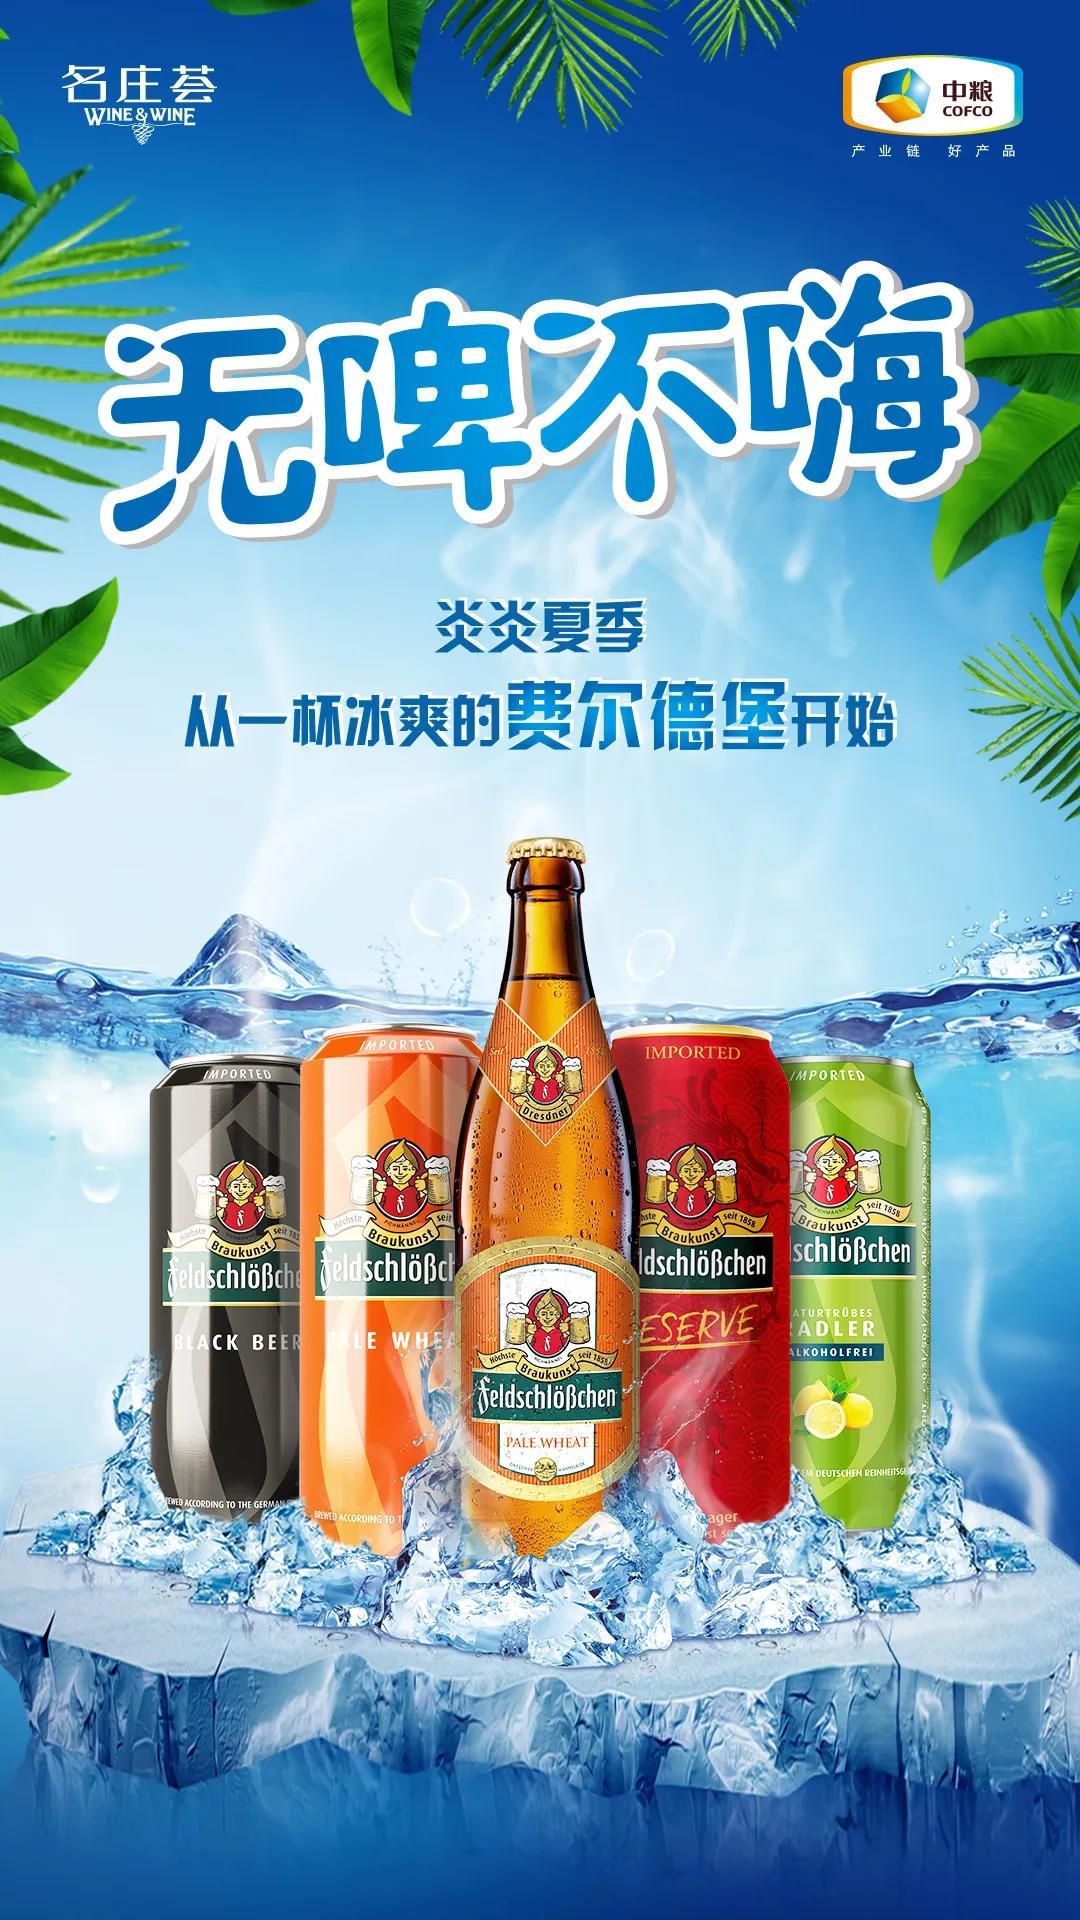 """这款进口啤酒为何3个月逆势连增?操盘手名庄荟道出""""生意经"""""""